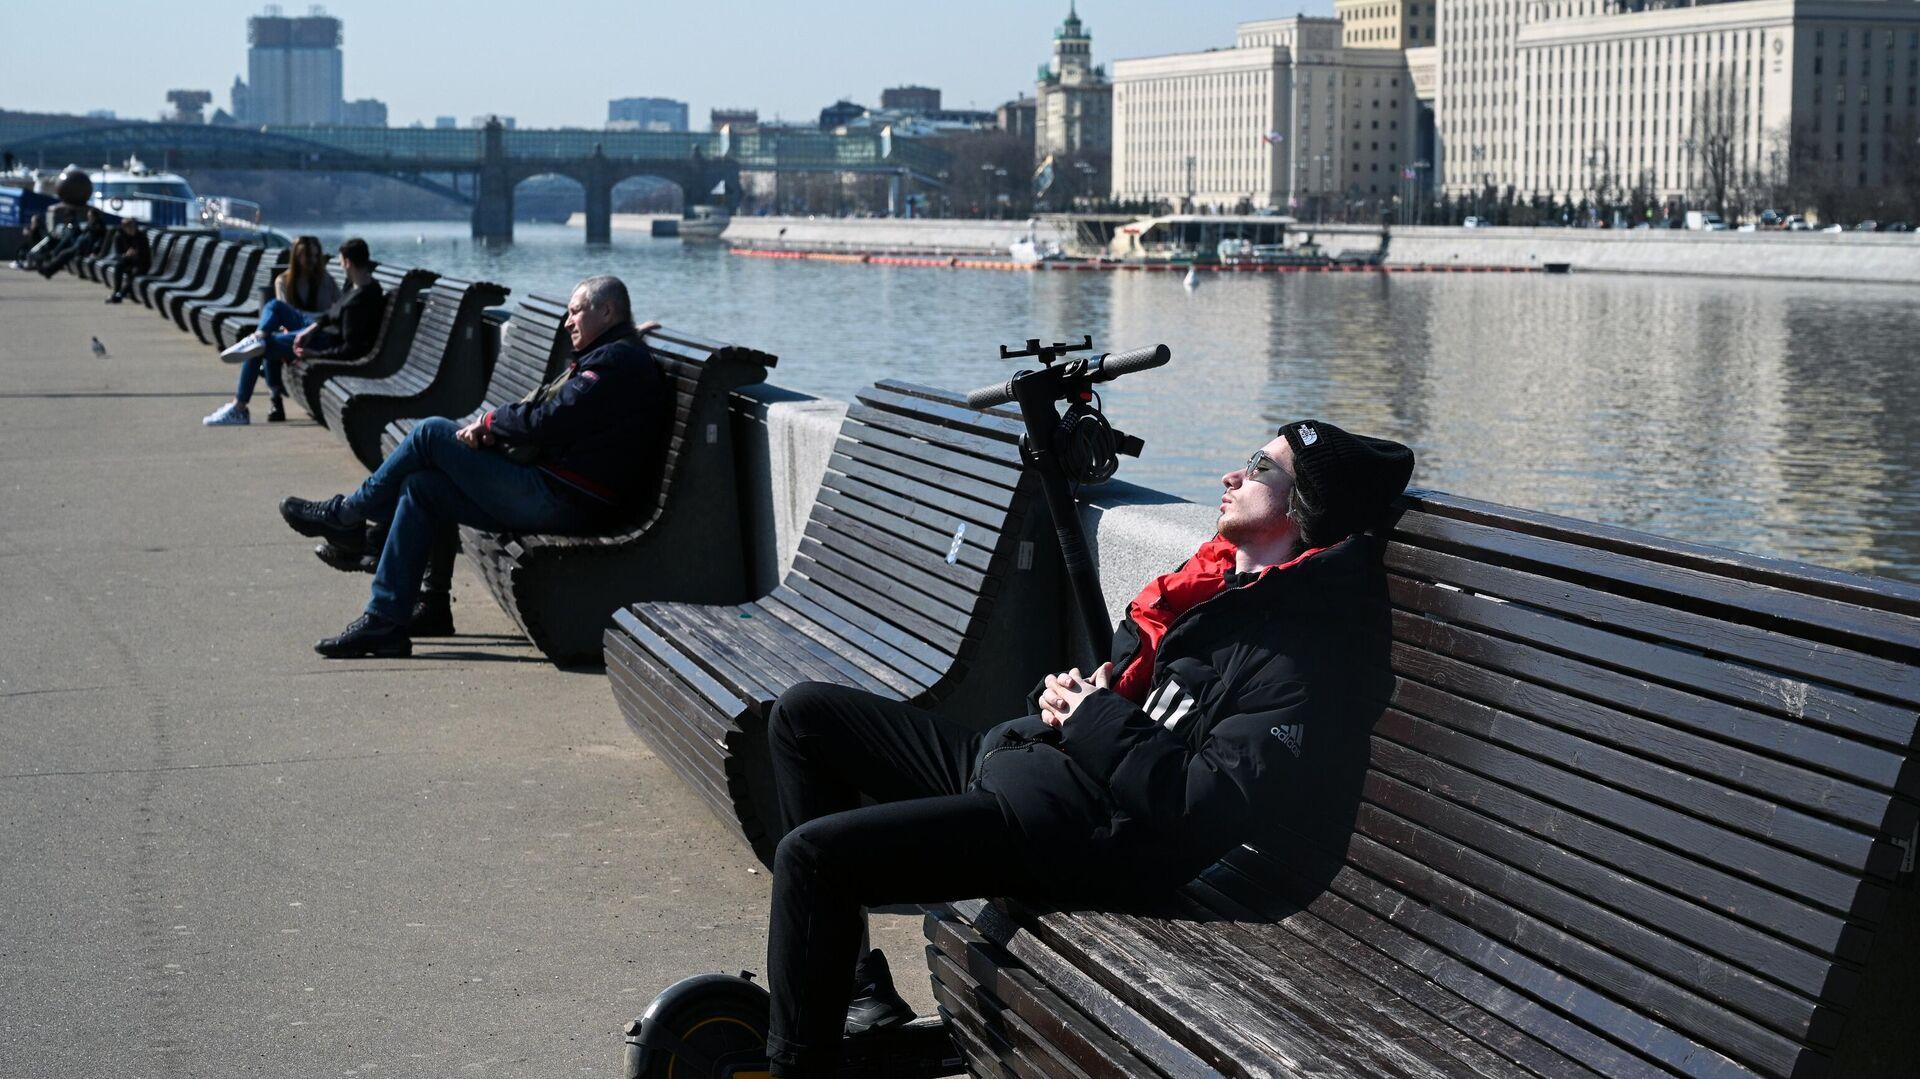 Отдыхающие в Парке Культуры в Москве - РИА Новости, 1920, 29.04.2021